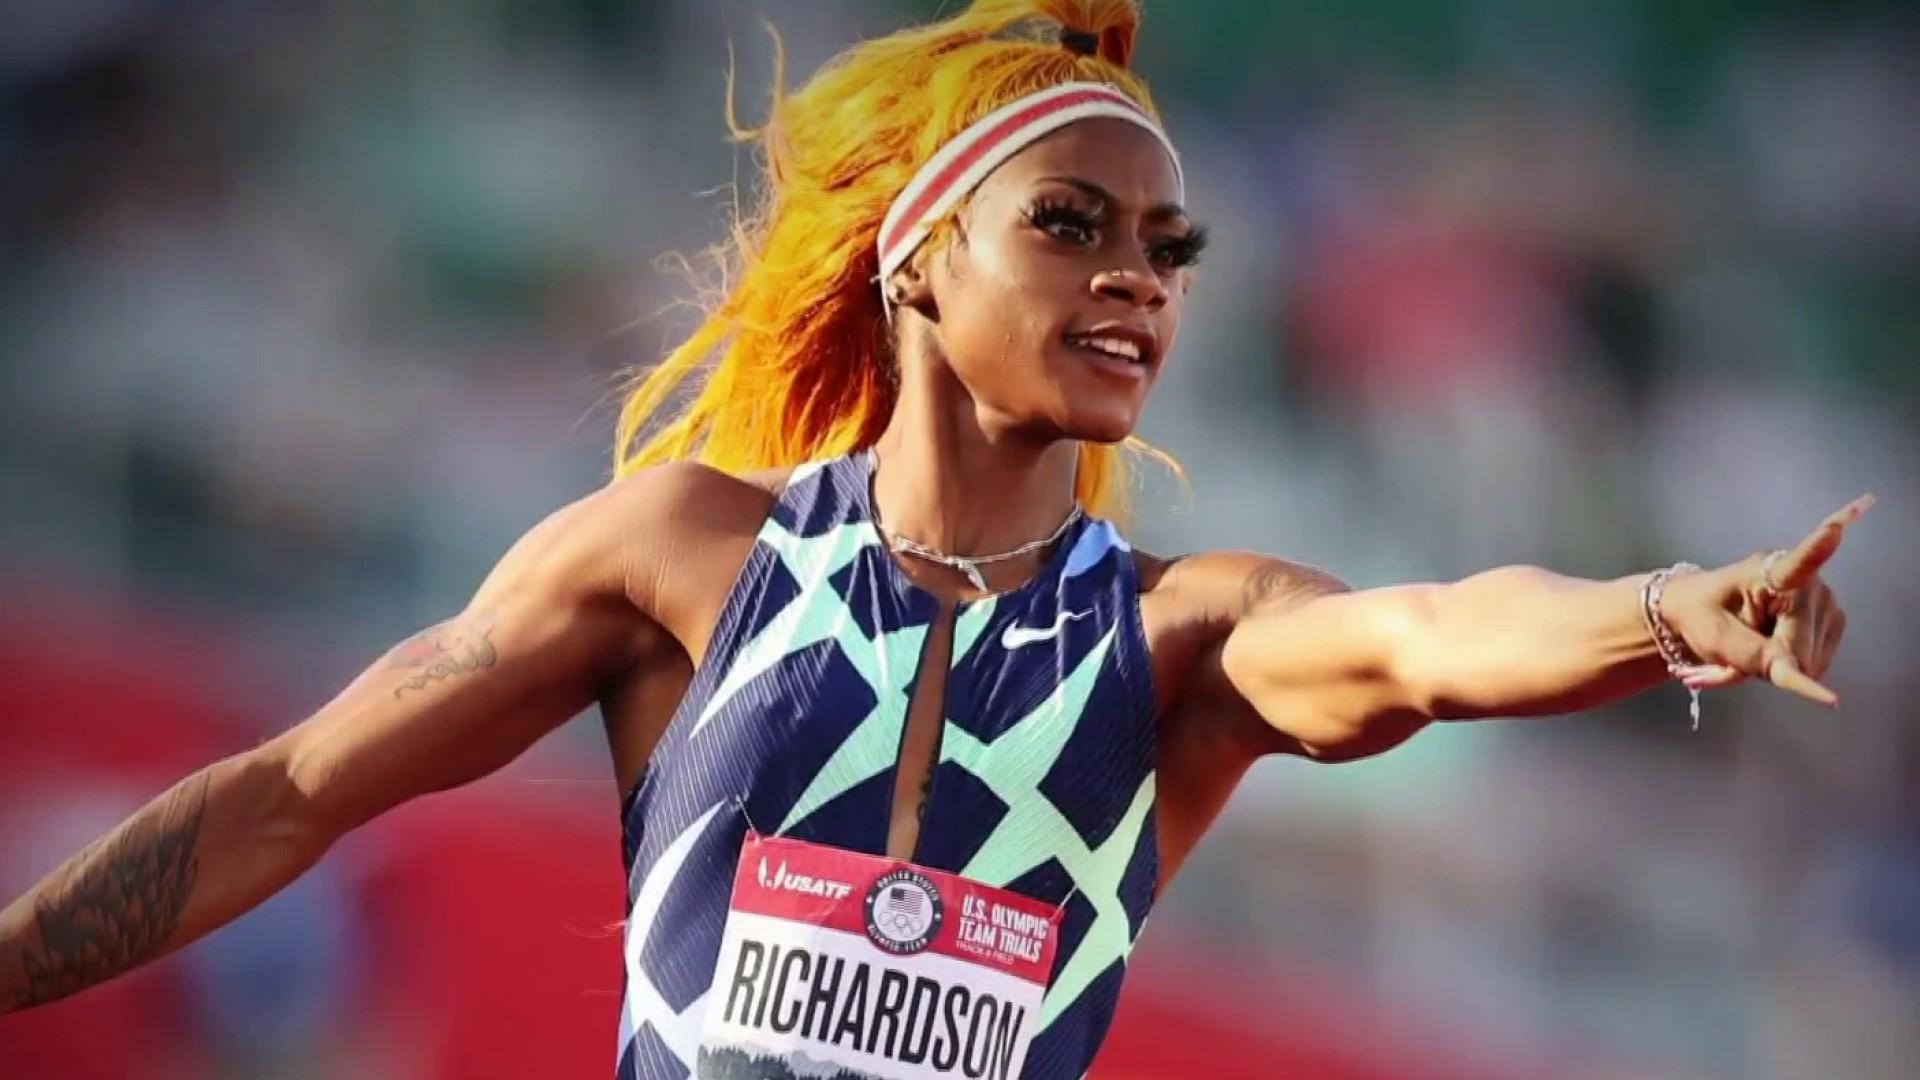 U.S. Track Star Sha'Carri Richardson Speaks Out After Suspension